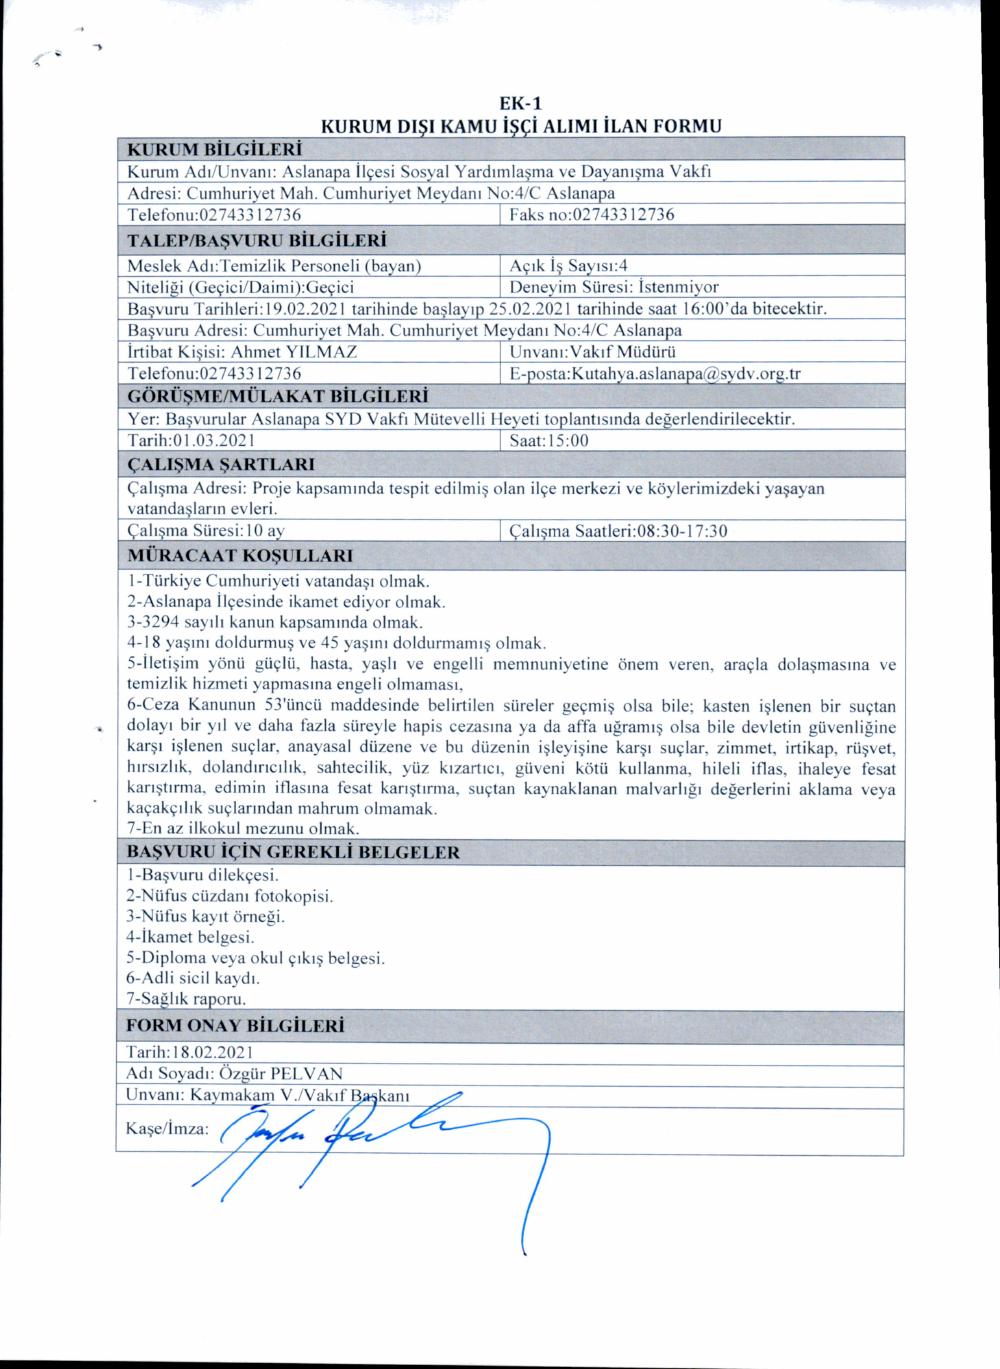 kutahya-aslanapa-sydv-25-02-2021-000001.png